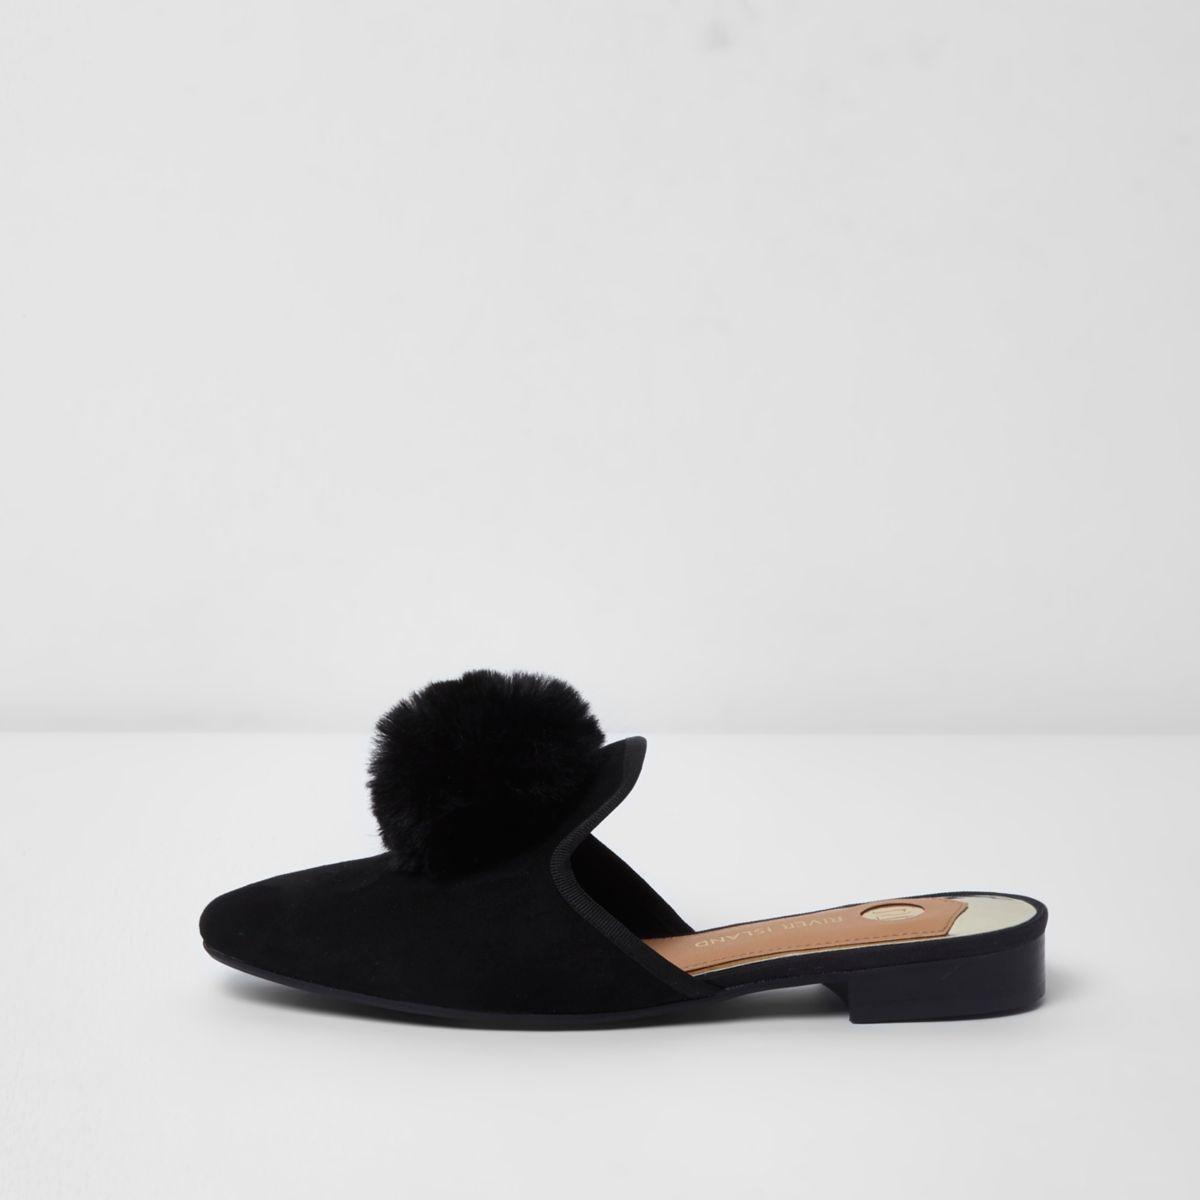 Zwarte schoenen zonder achterkant met pompon van imitatiebont